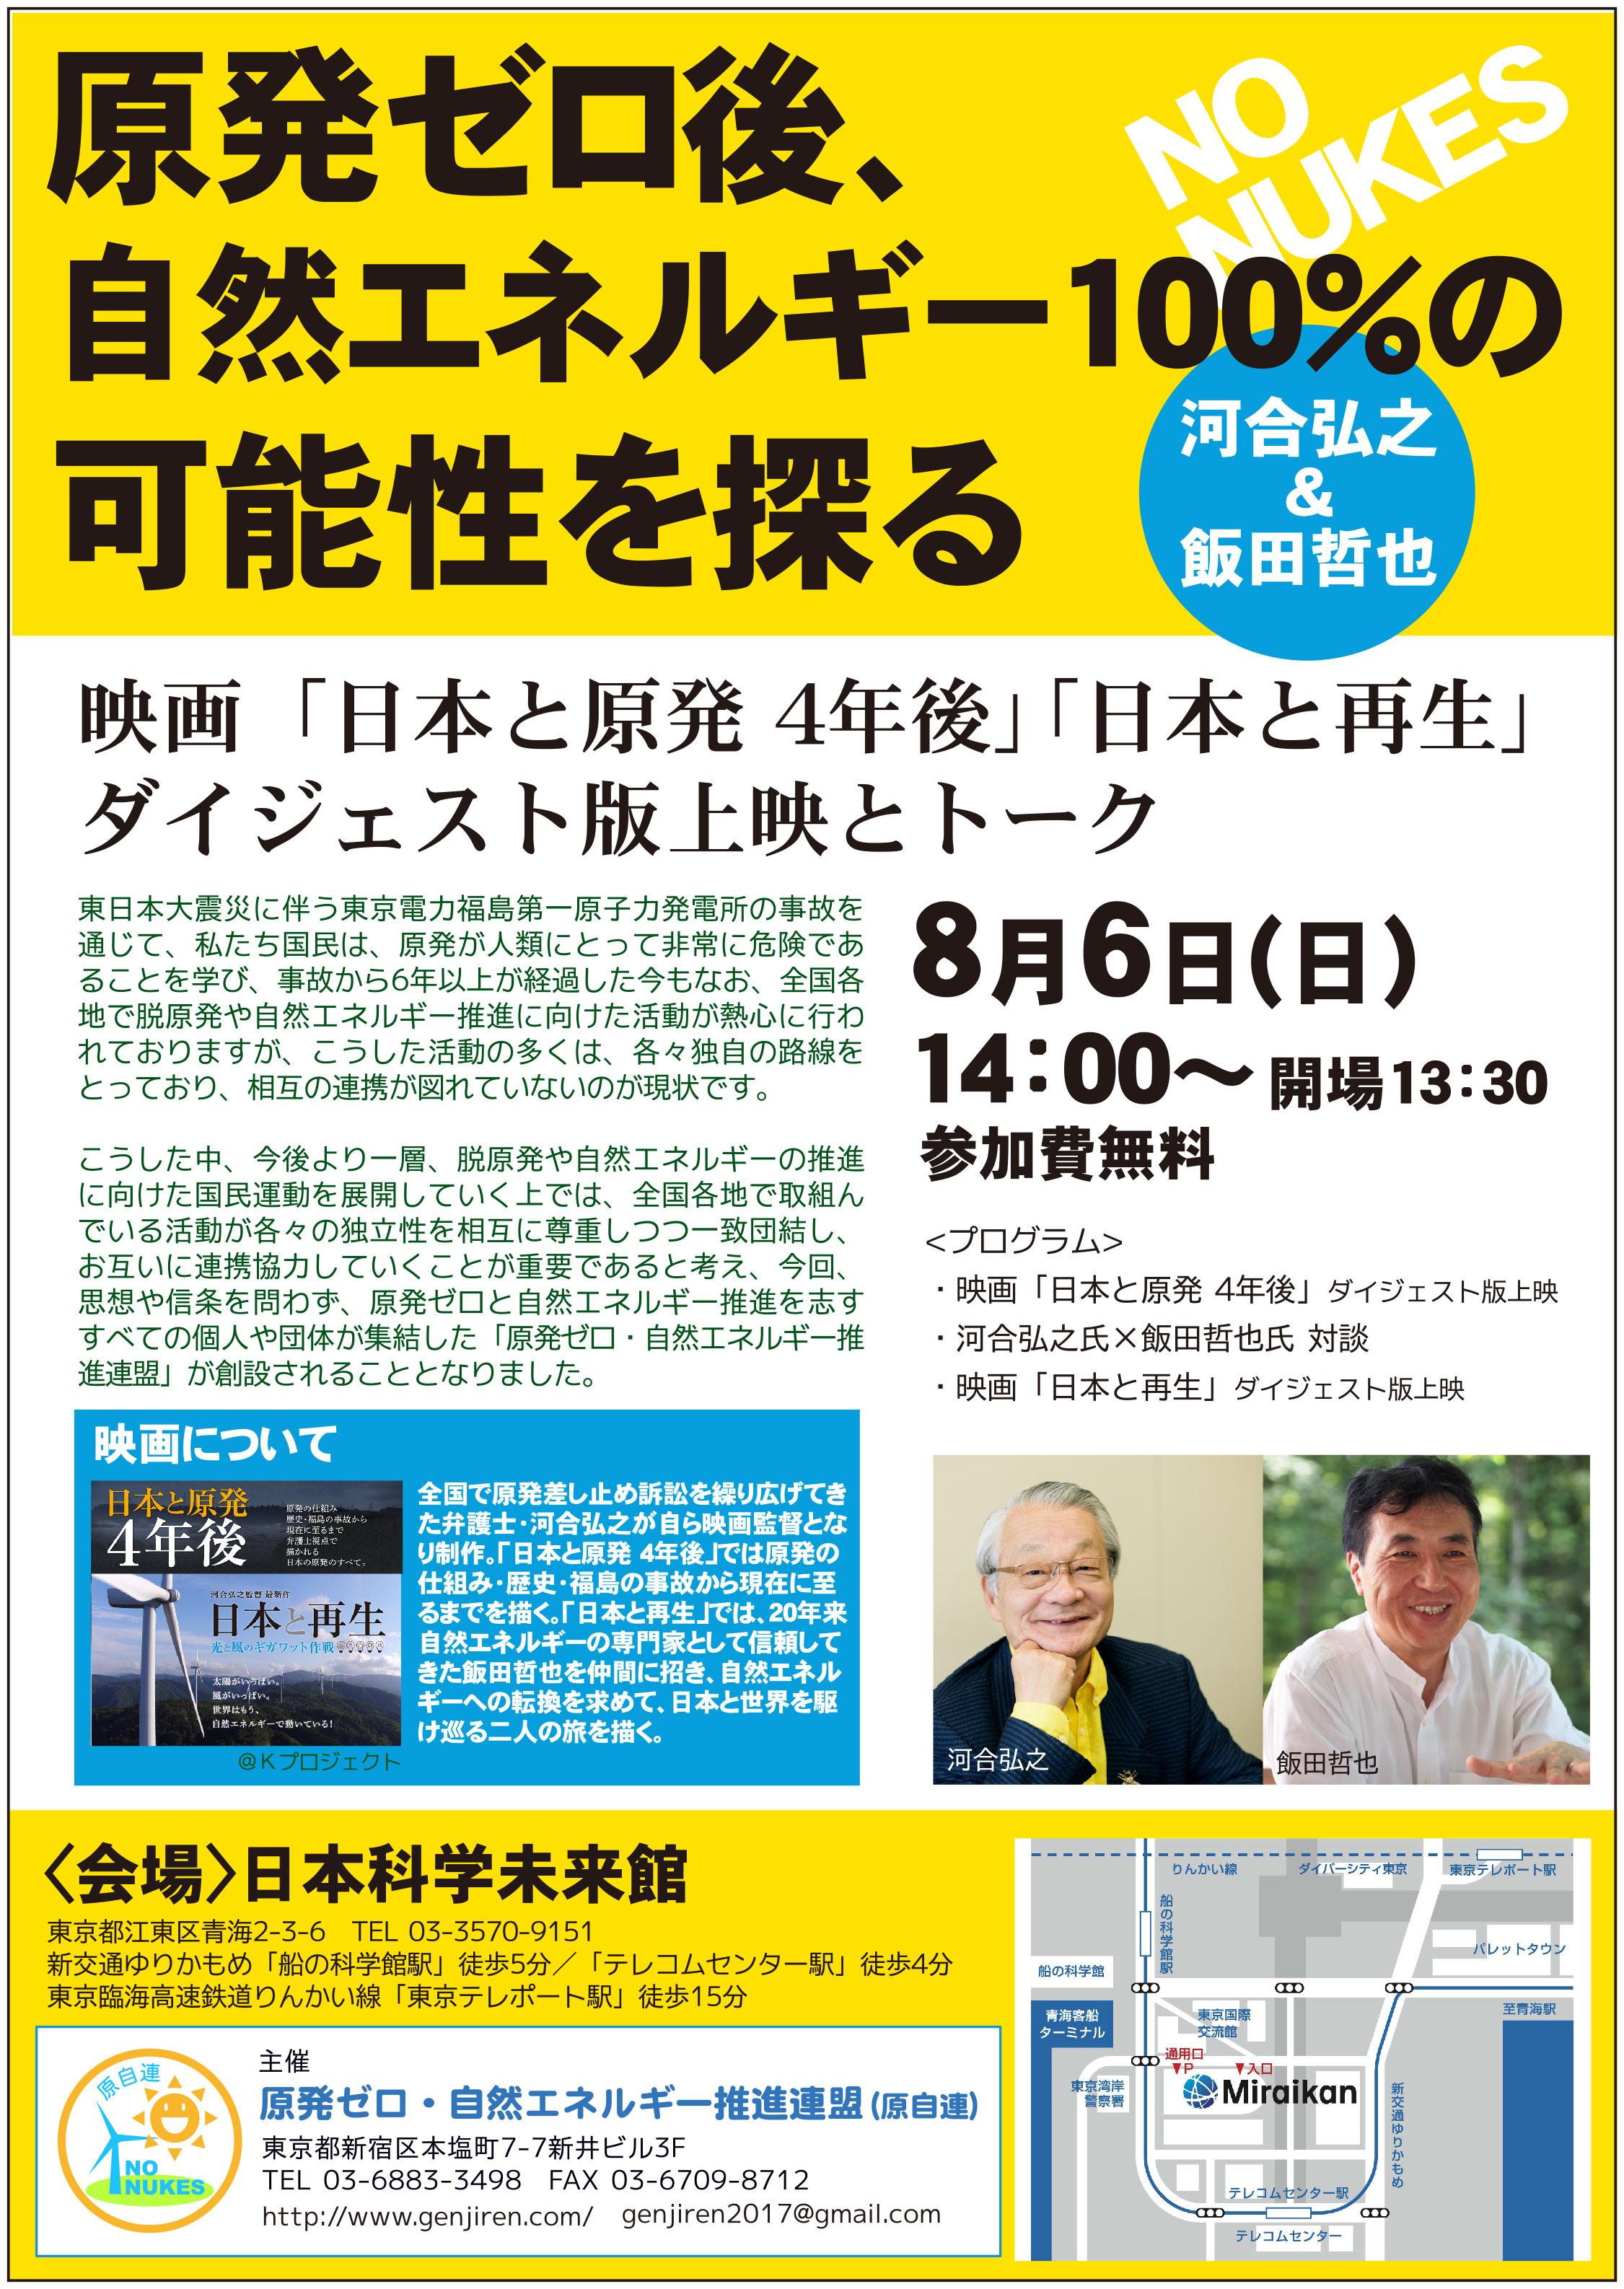 8月6日 未来館イベント